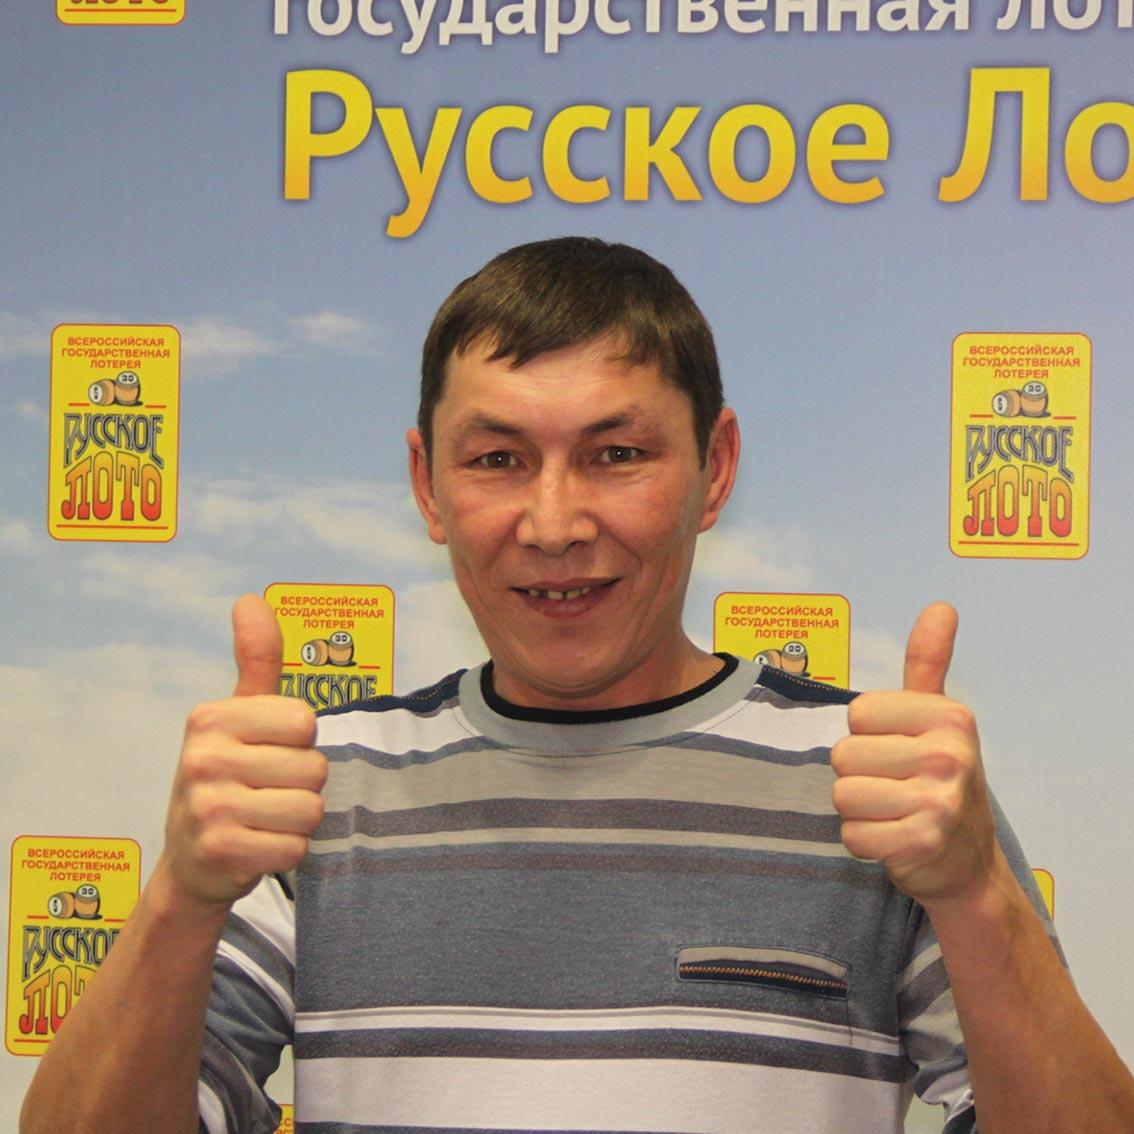 Státní loterie v Rusku 2018